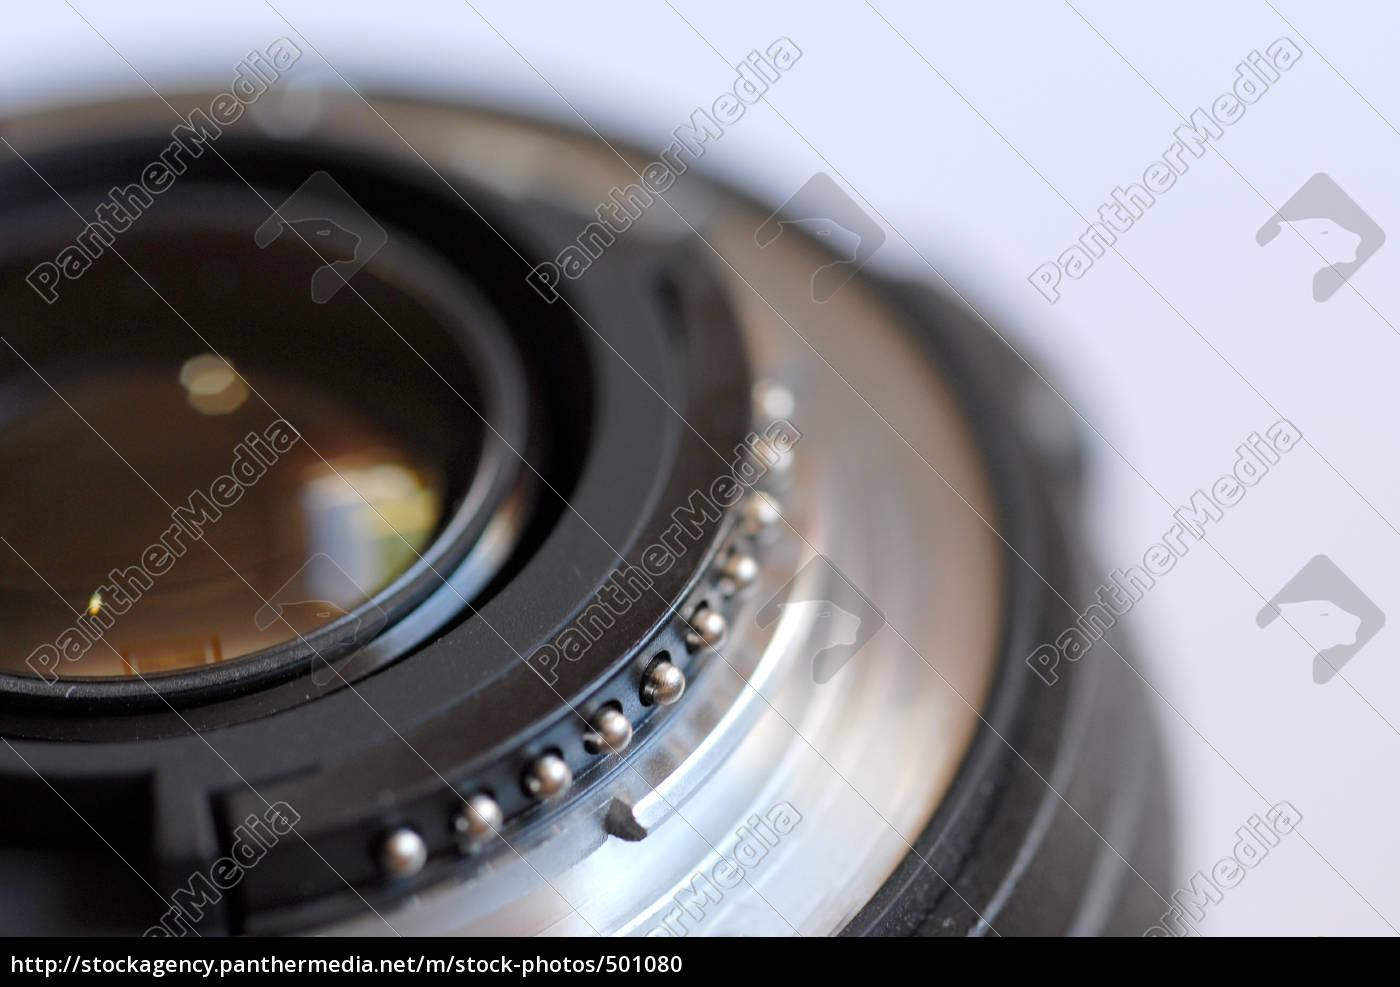 lens - 501080